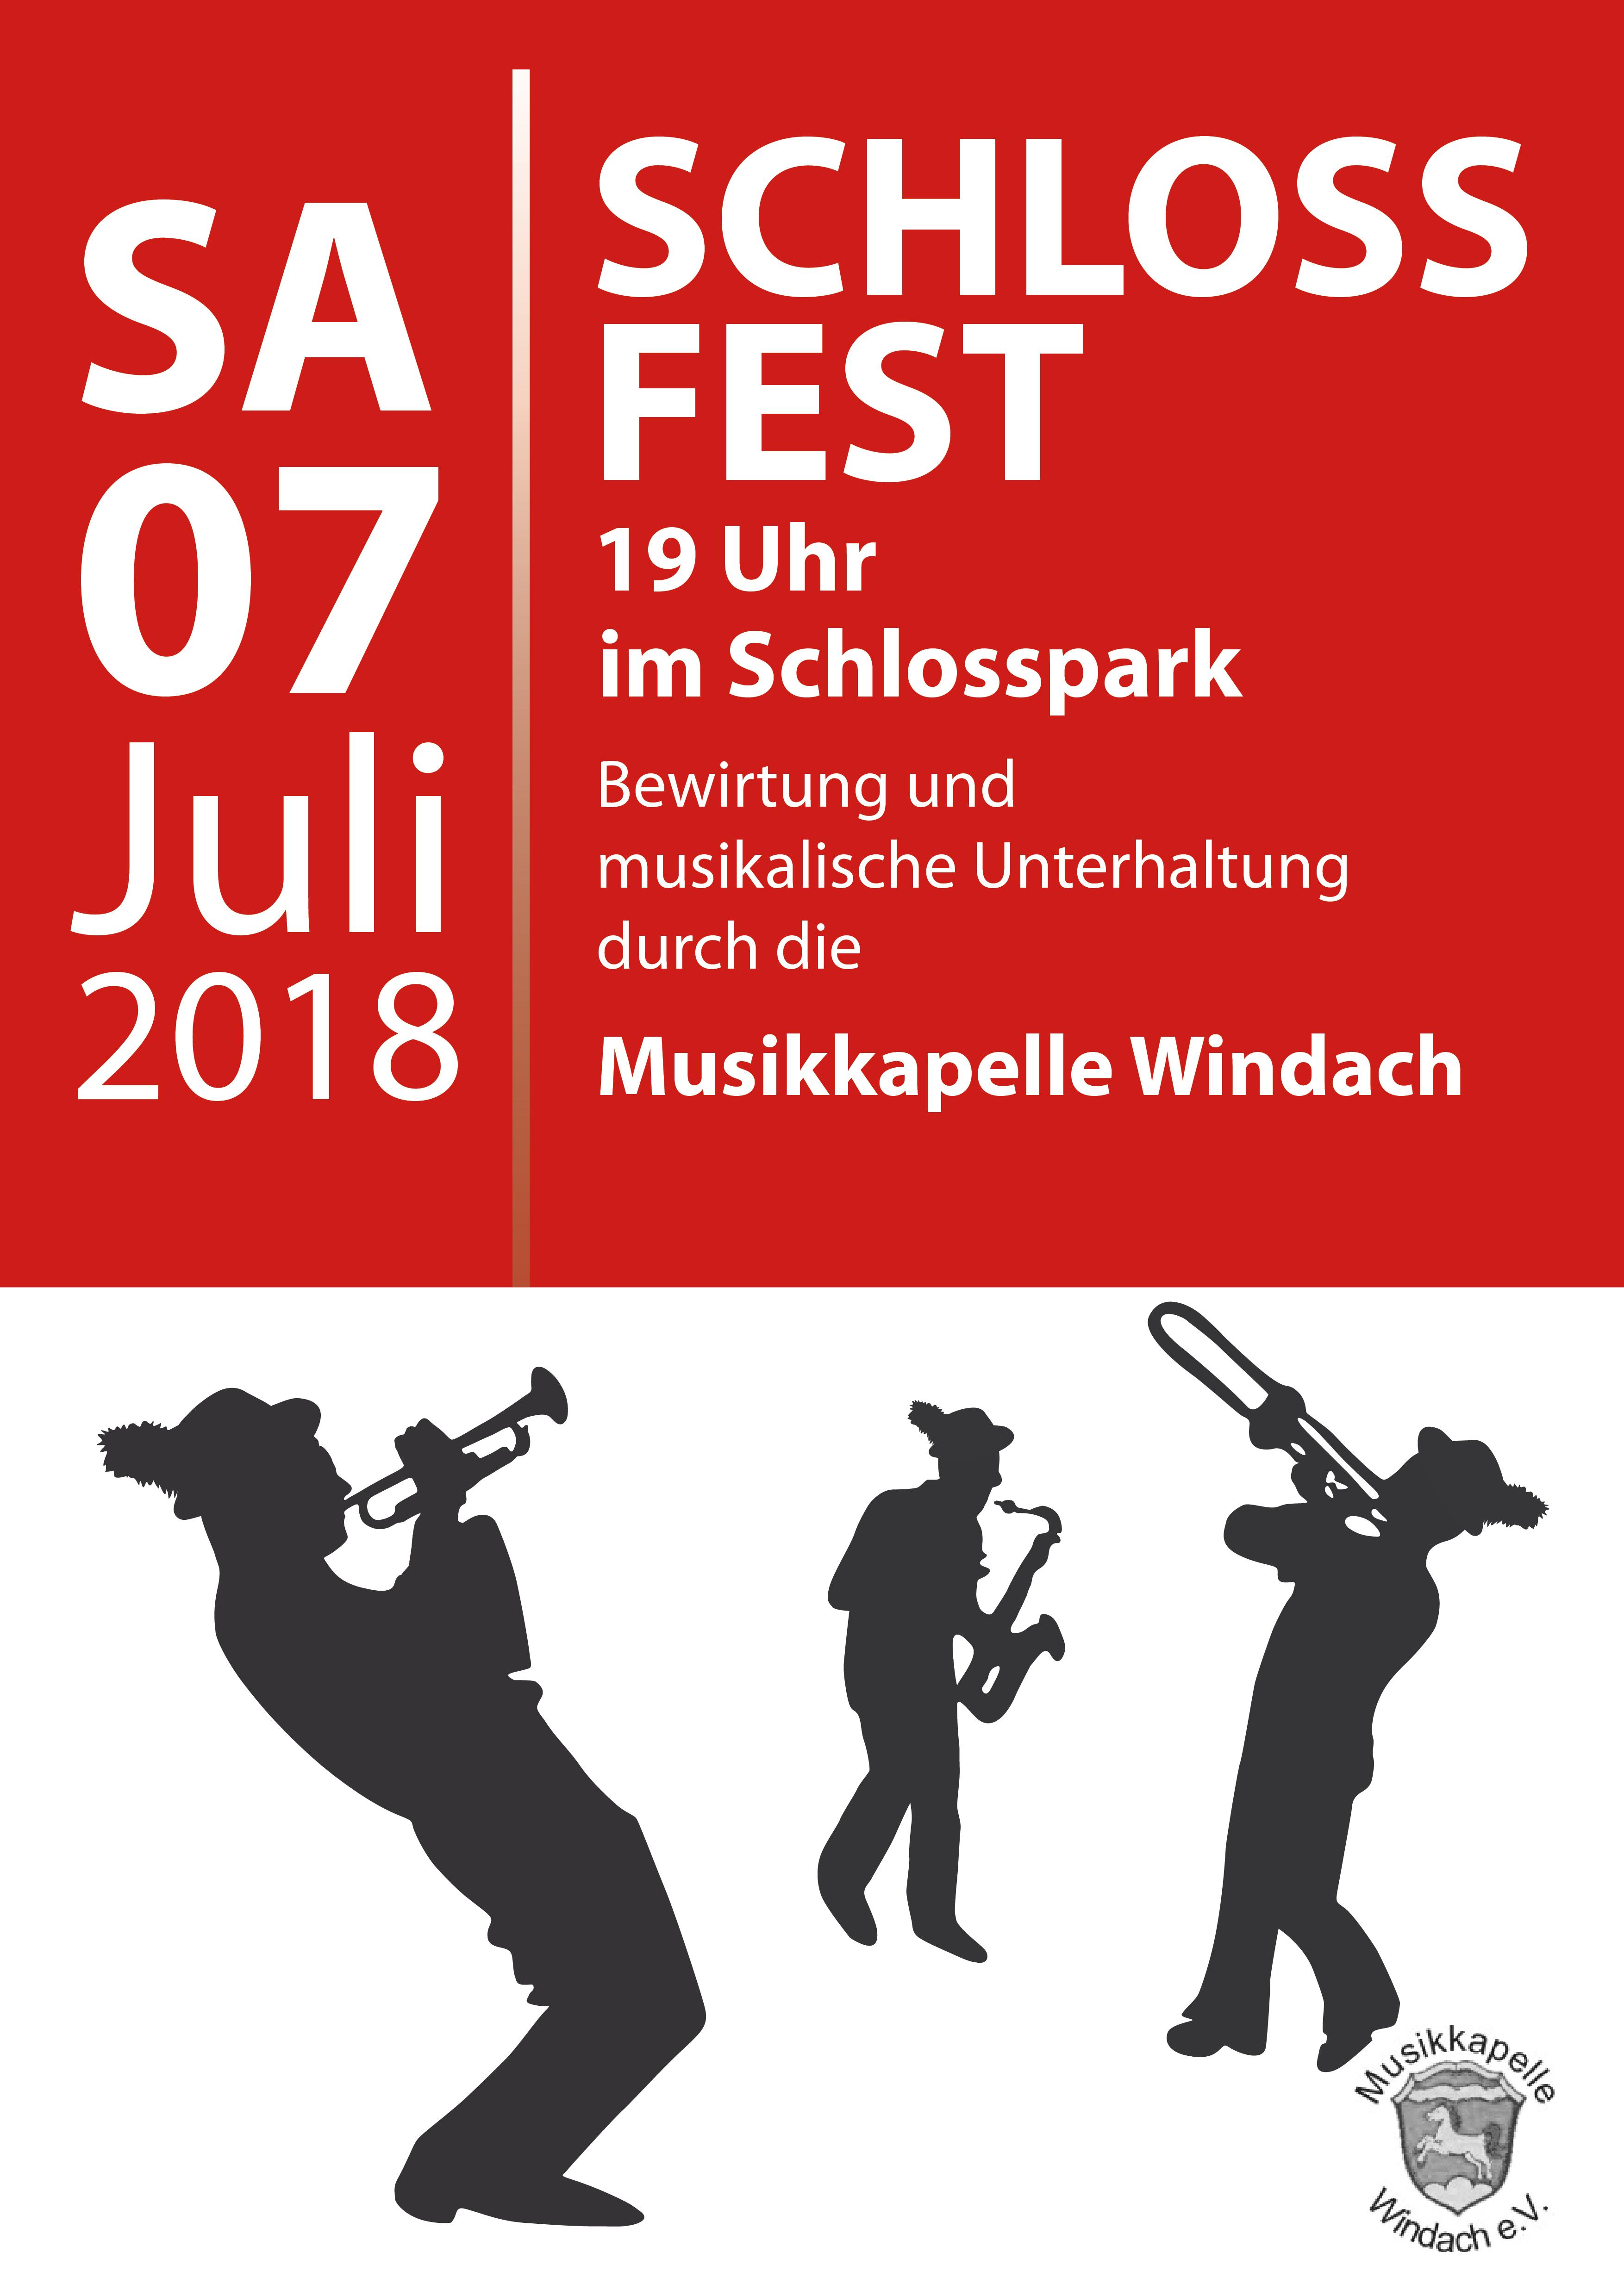 Schlossfest_Plakat_A3-1.jpg